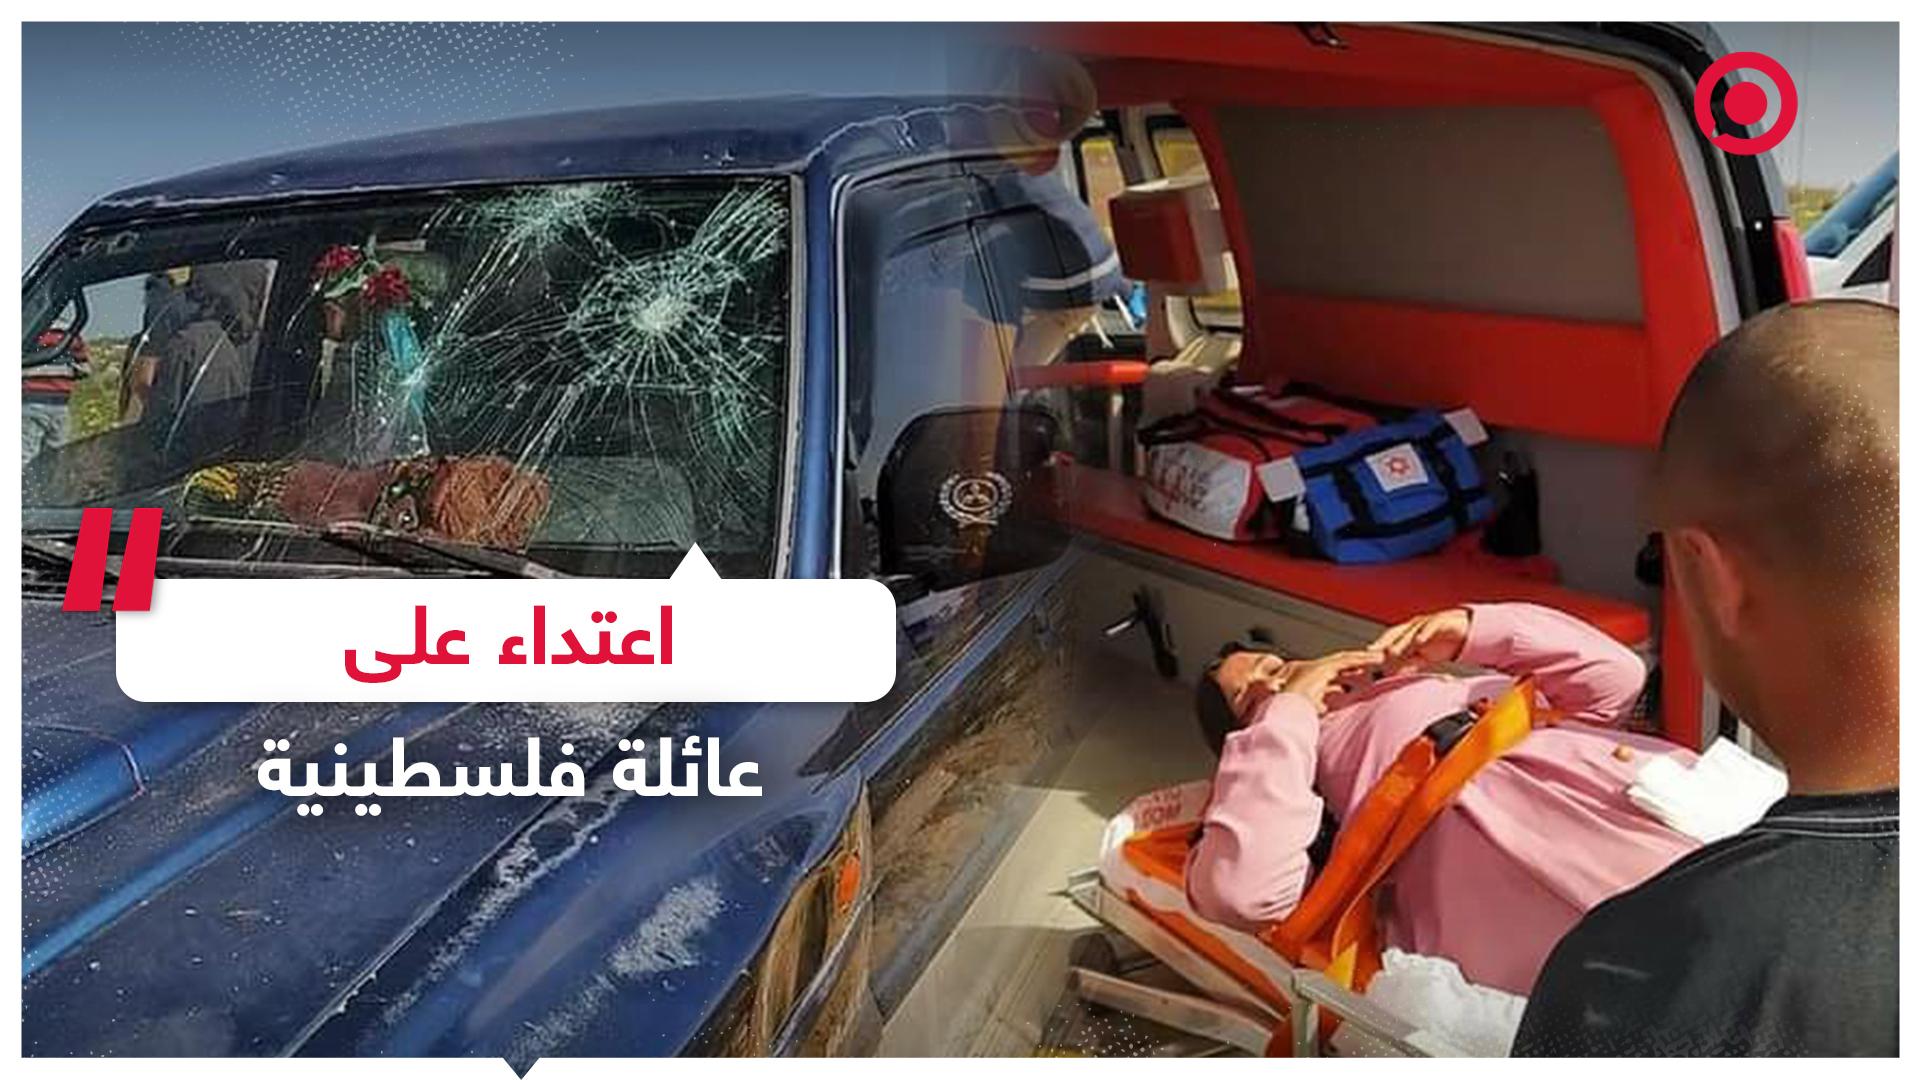 مستوطنون يعتدون على عائلة فلسطينية بالعصي